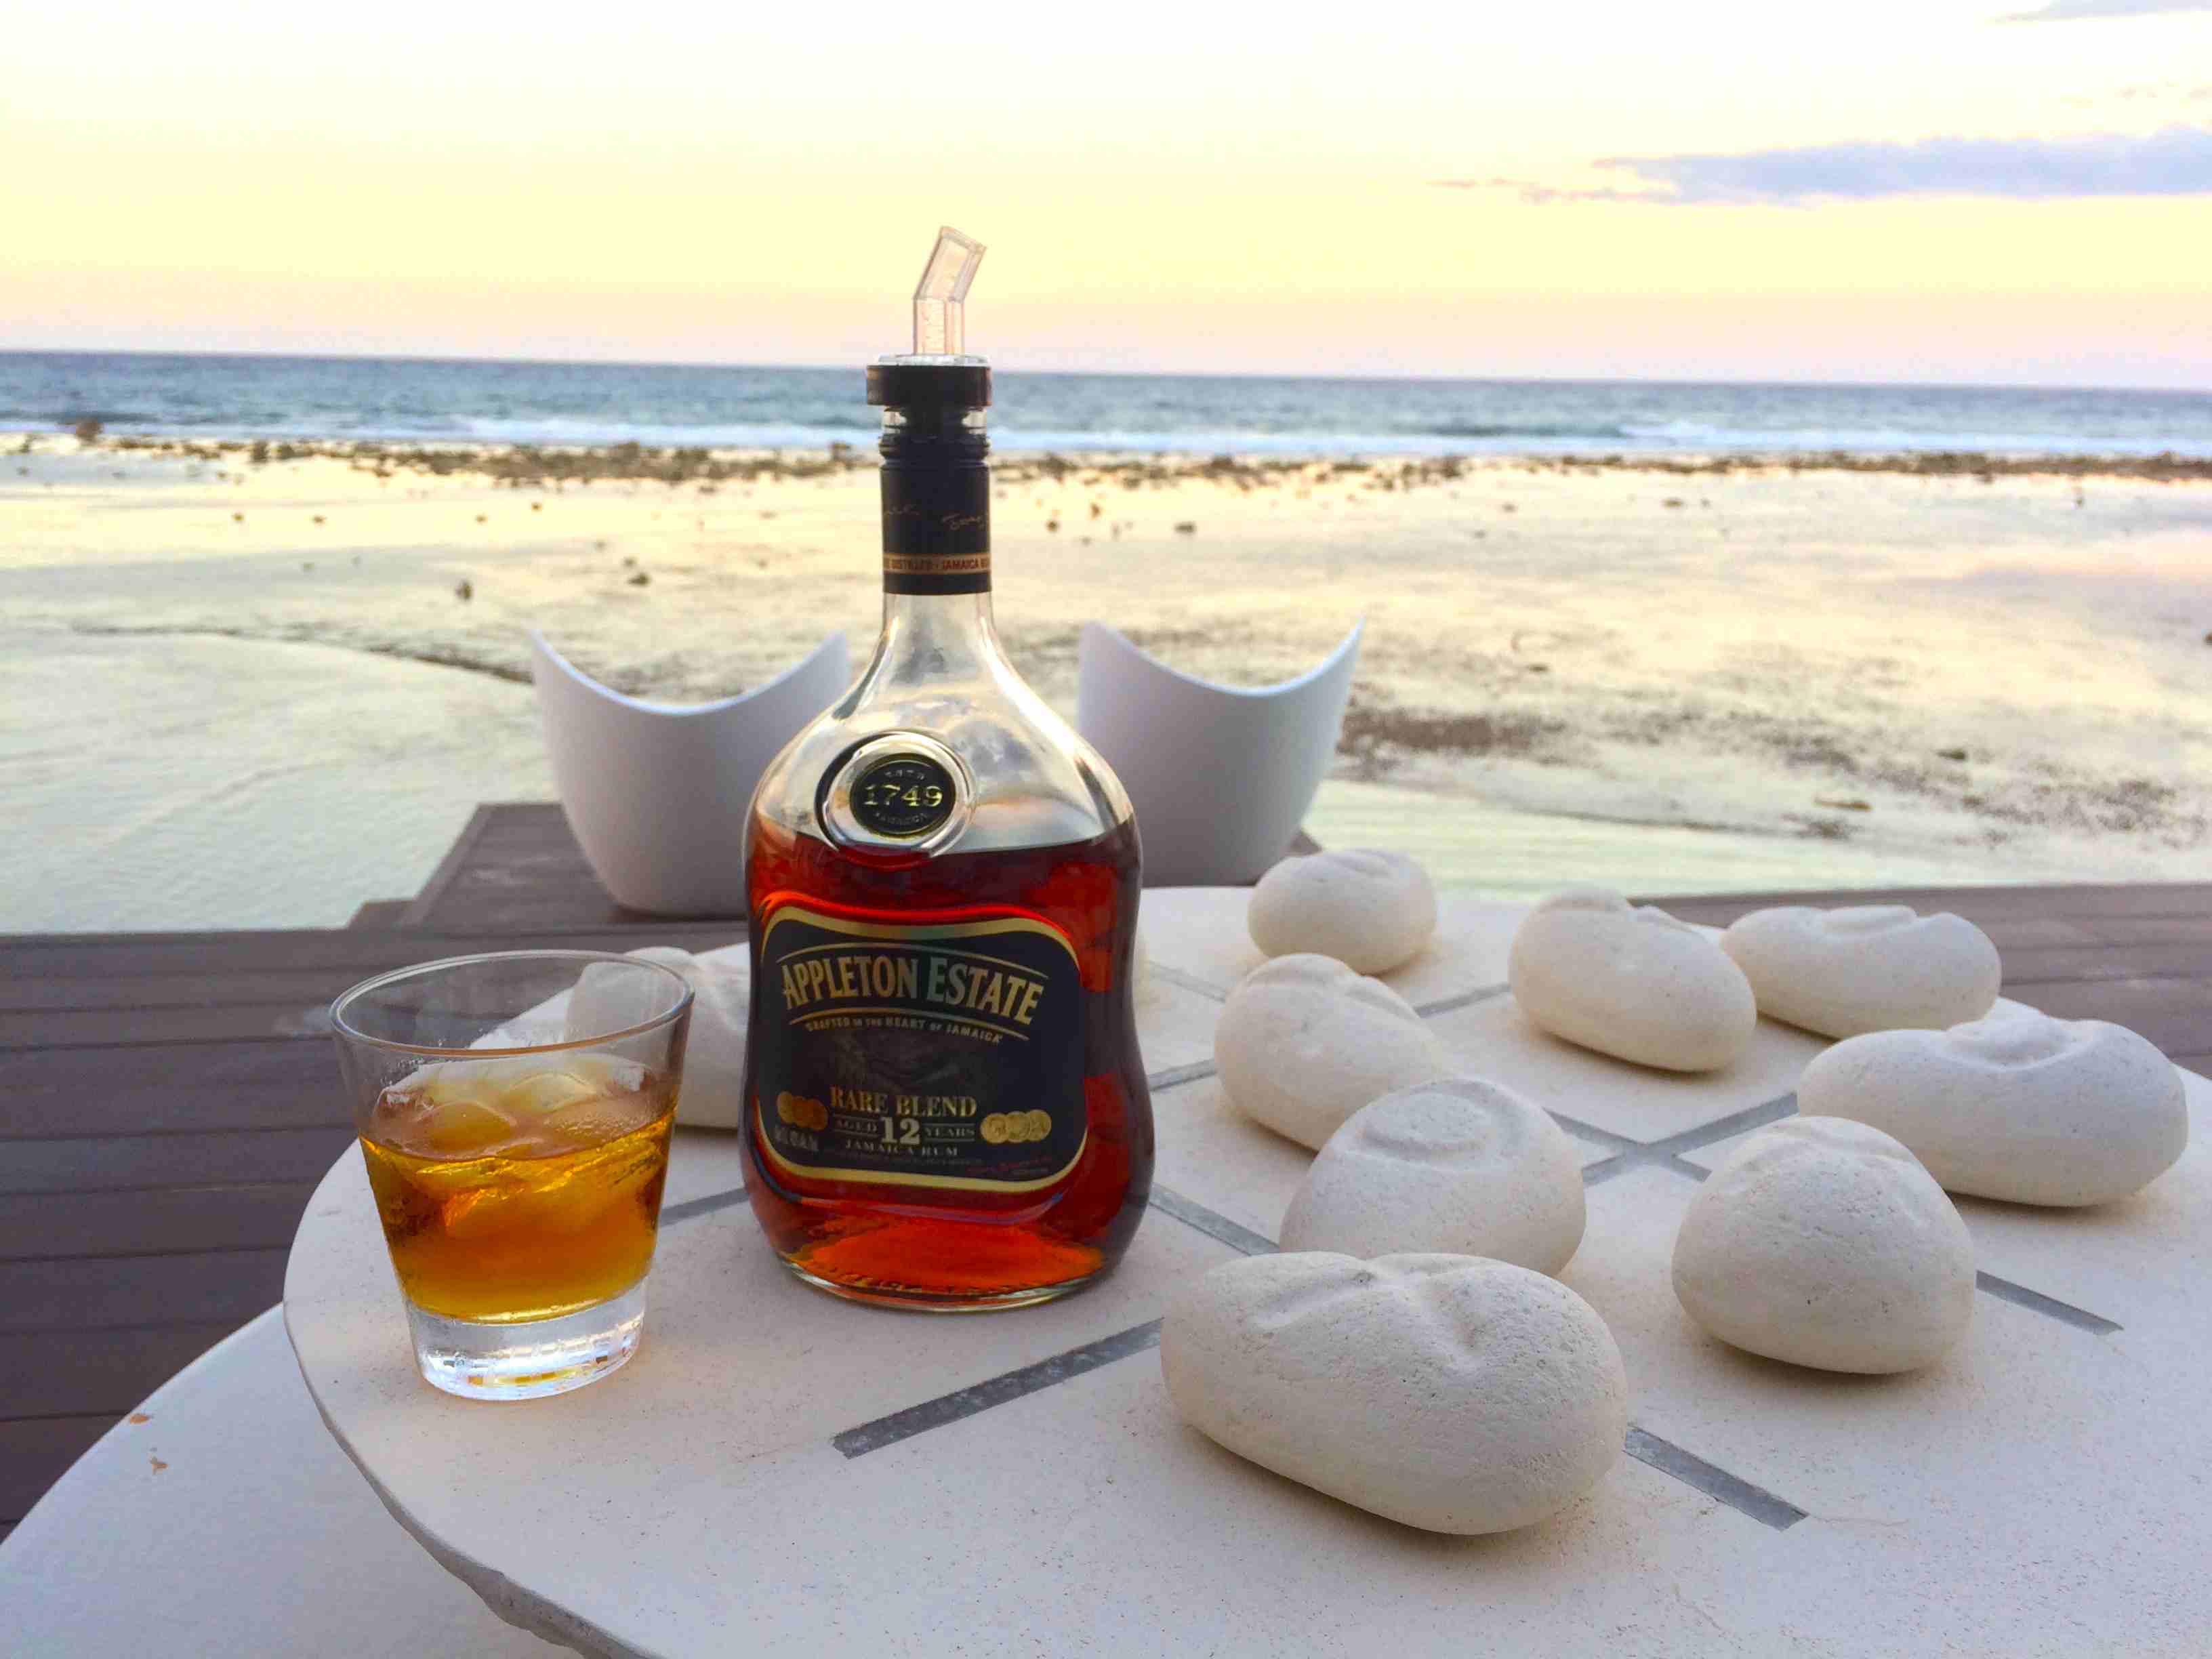 Appleton's rum